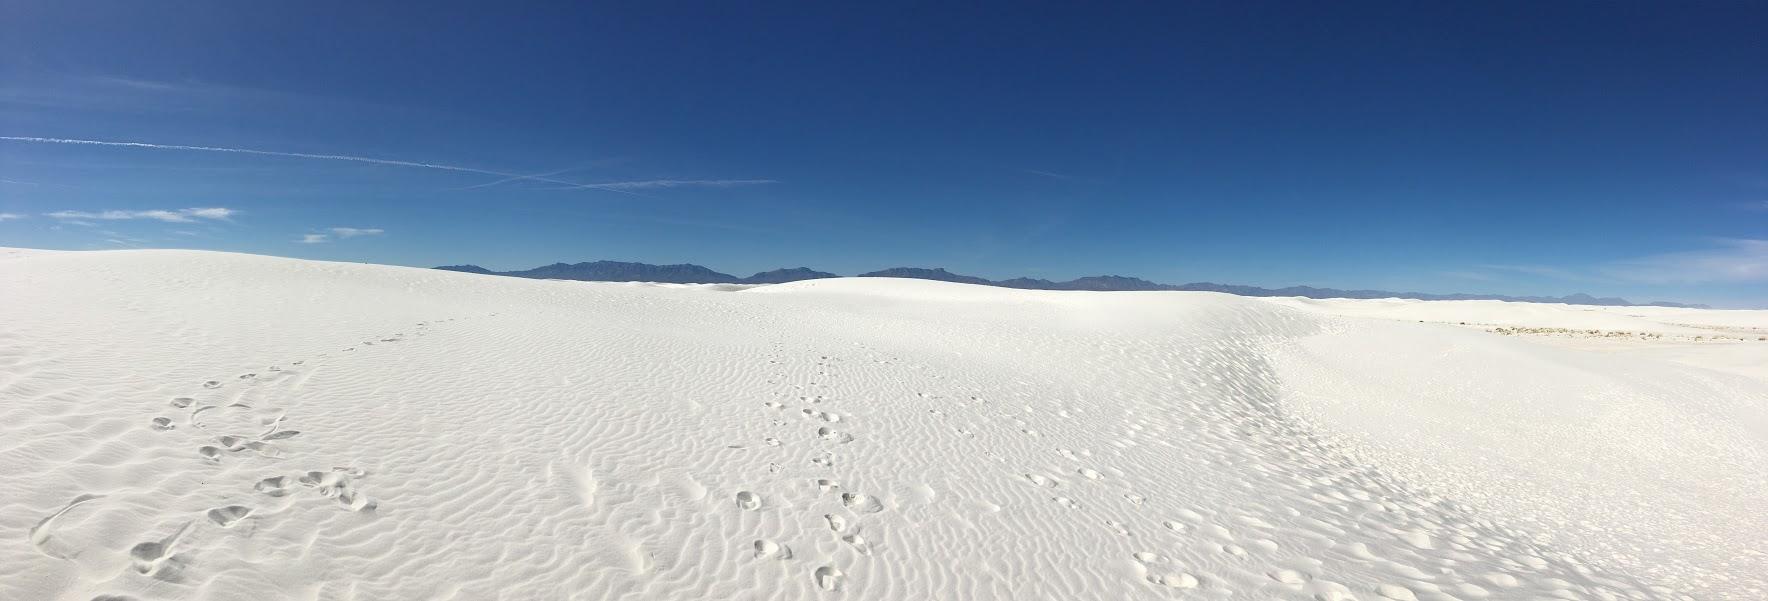 whitesands_pano.JPG